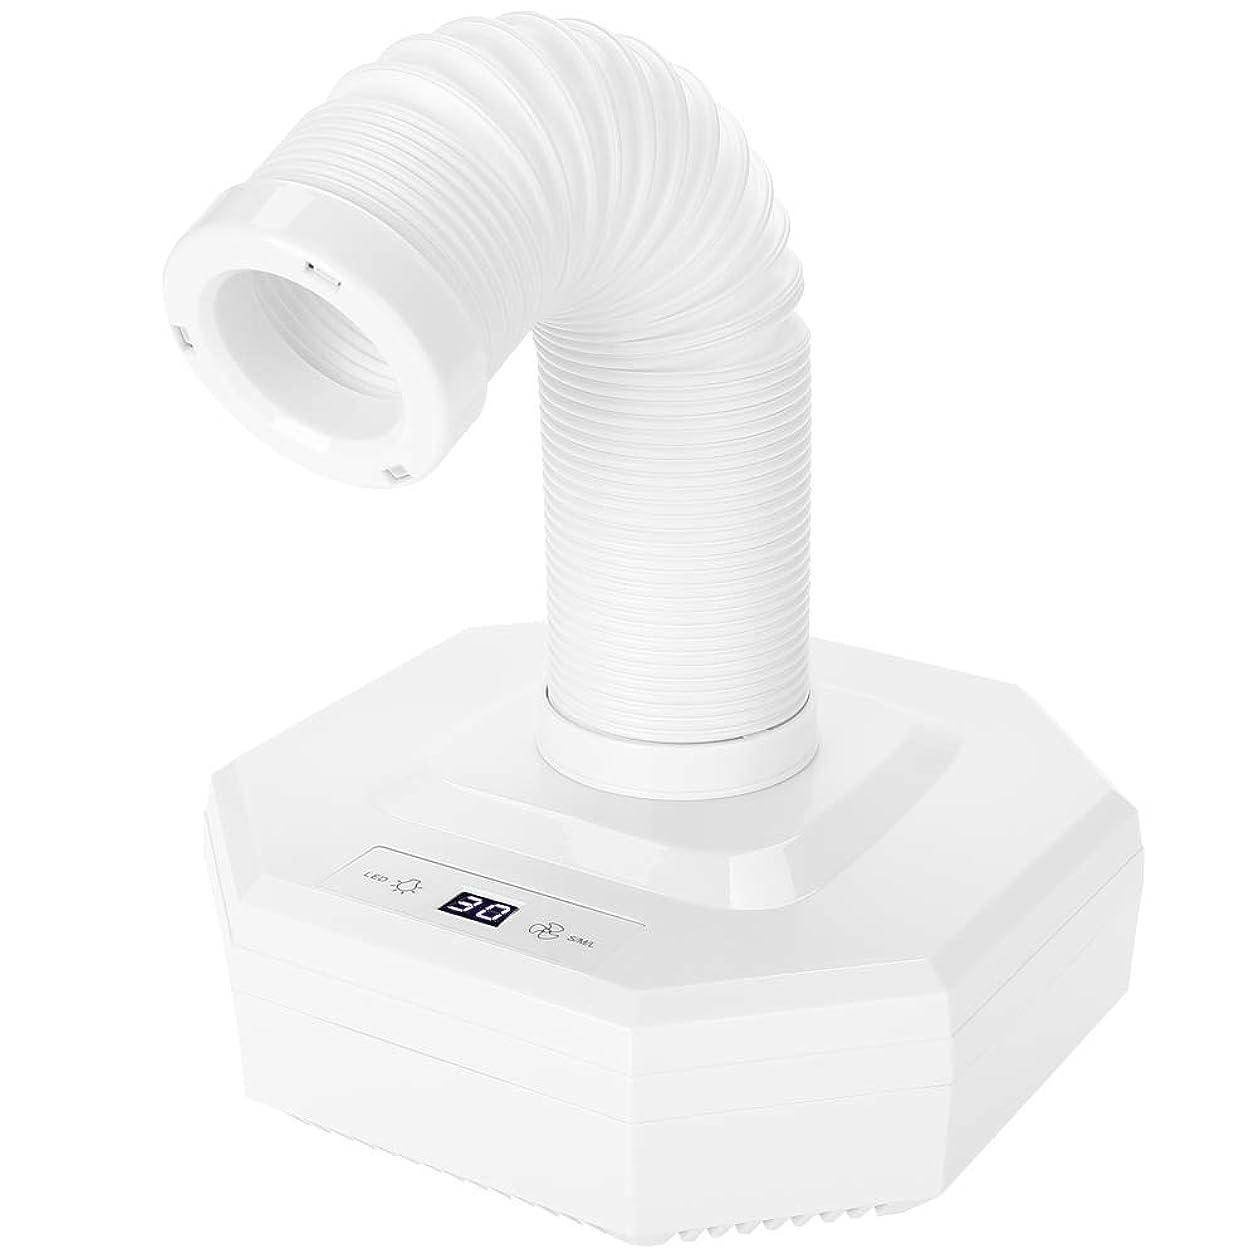 慢主婦層ネイル集塵機、60ワット強力なパワーマニキュア吸引掃除機用サロンuvジェルアクリルアートペディキュアツール(白)